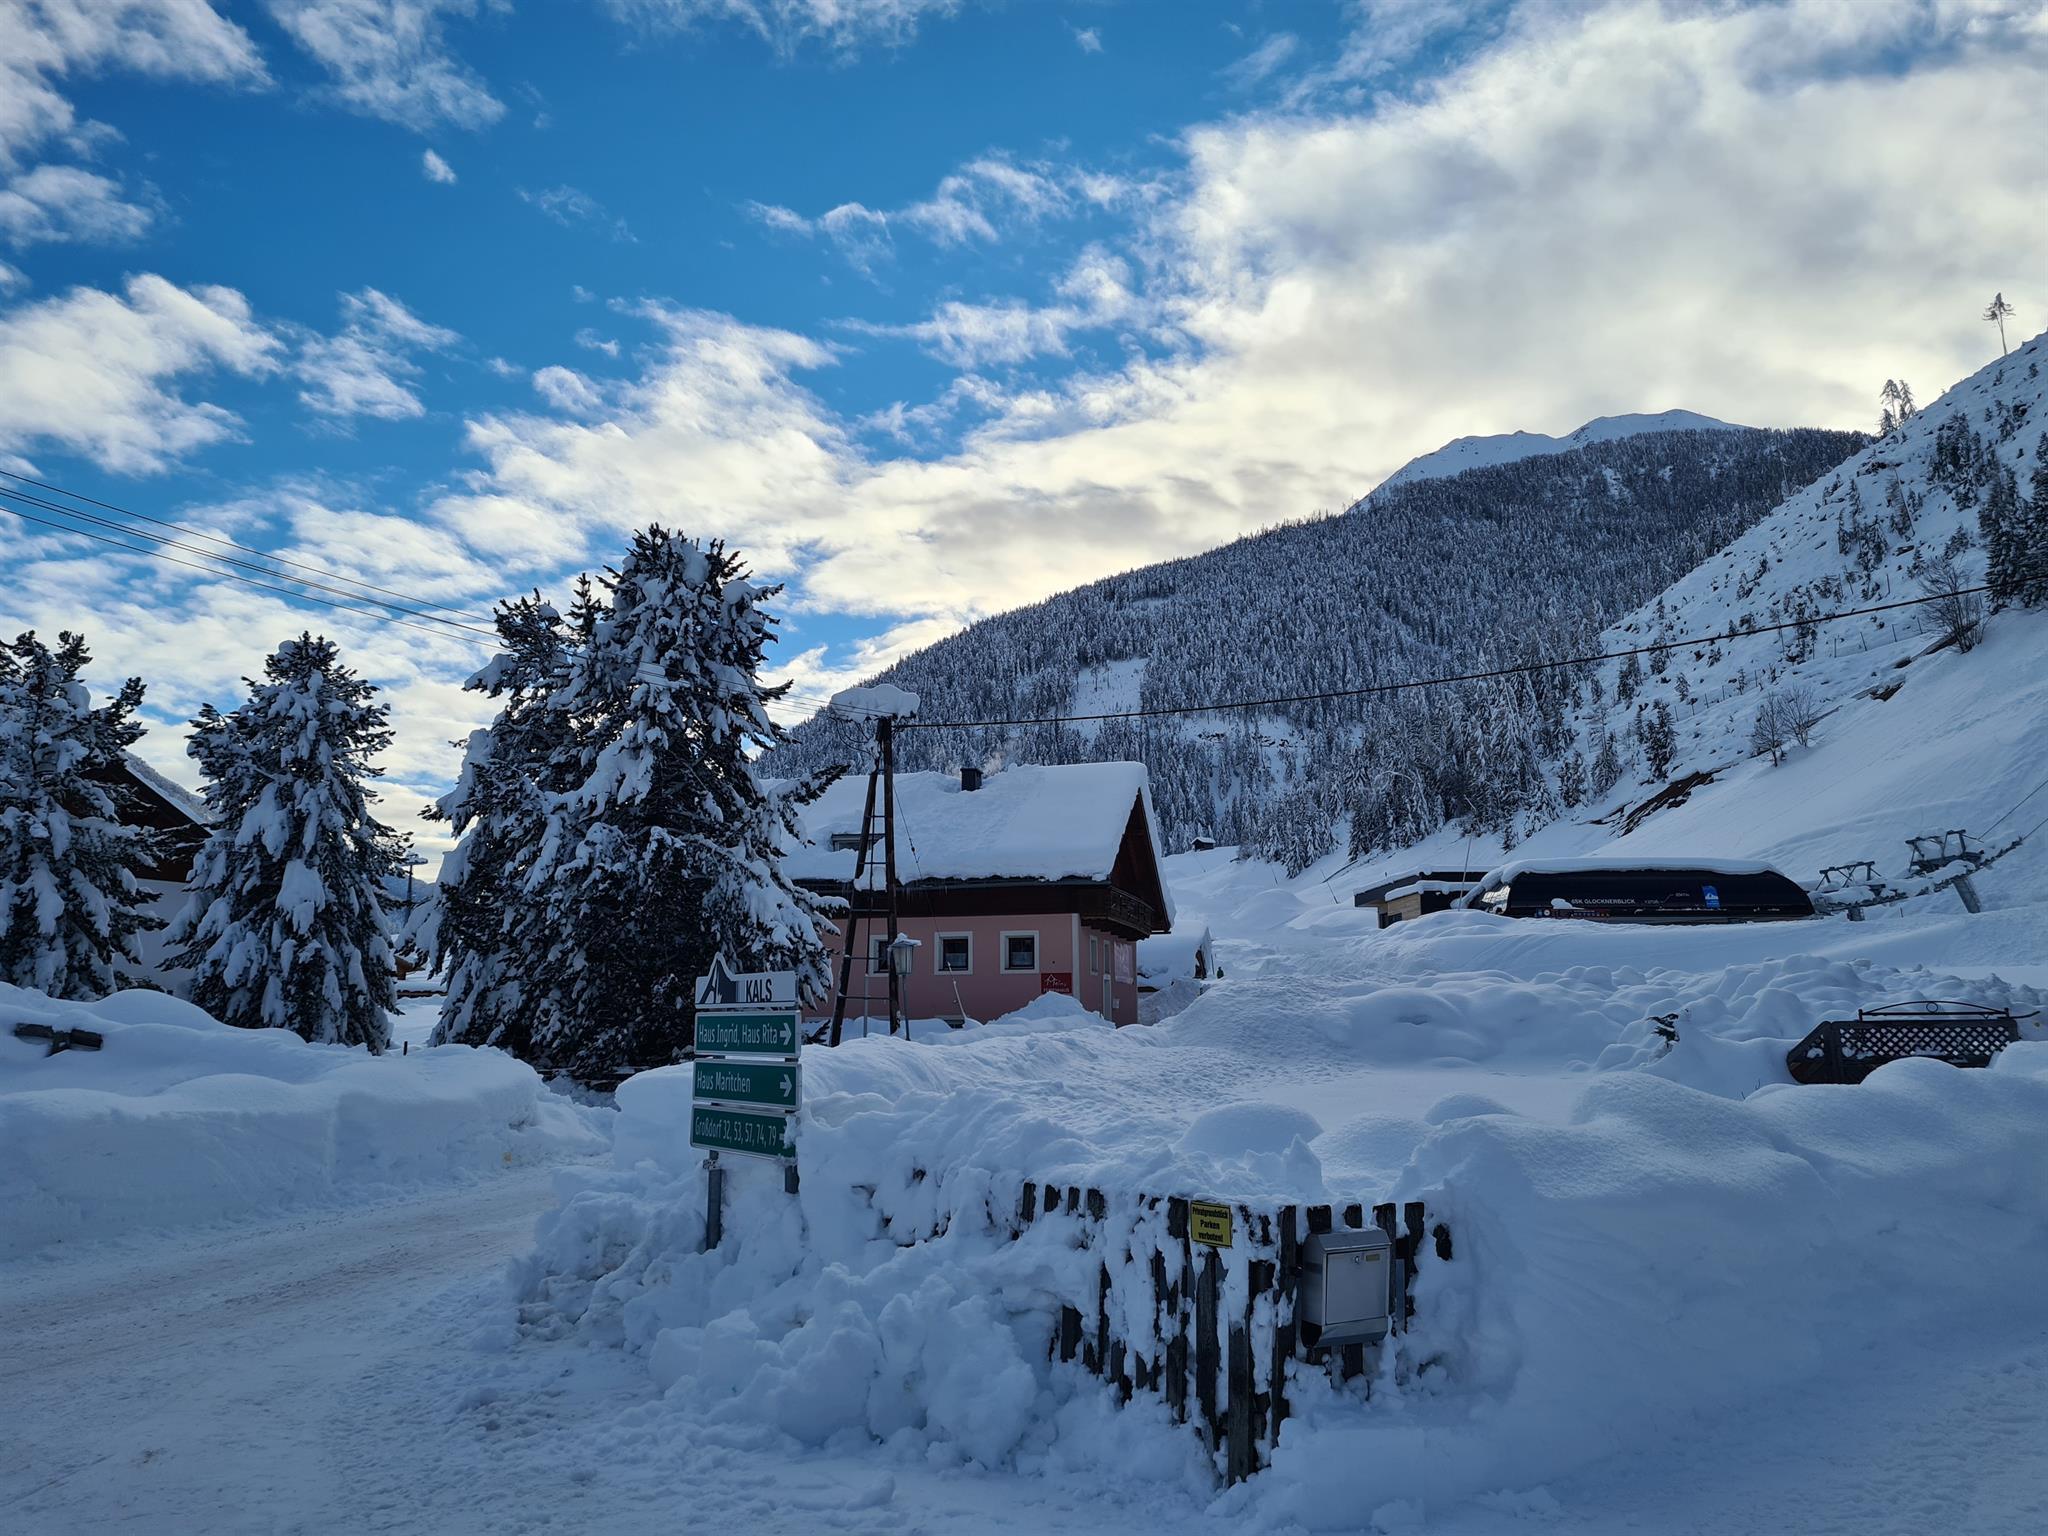 Ferienhaus-Meins-im-Winterkleid.jpg